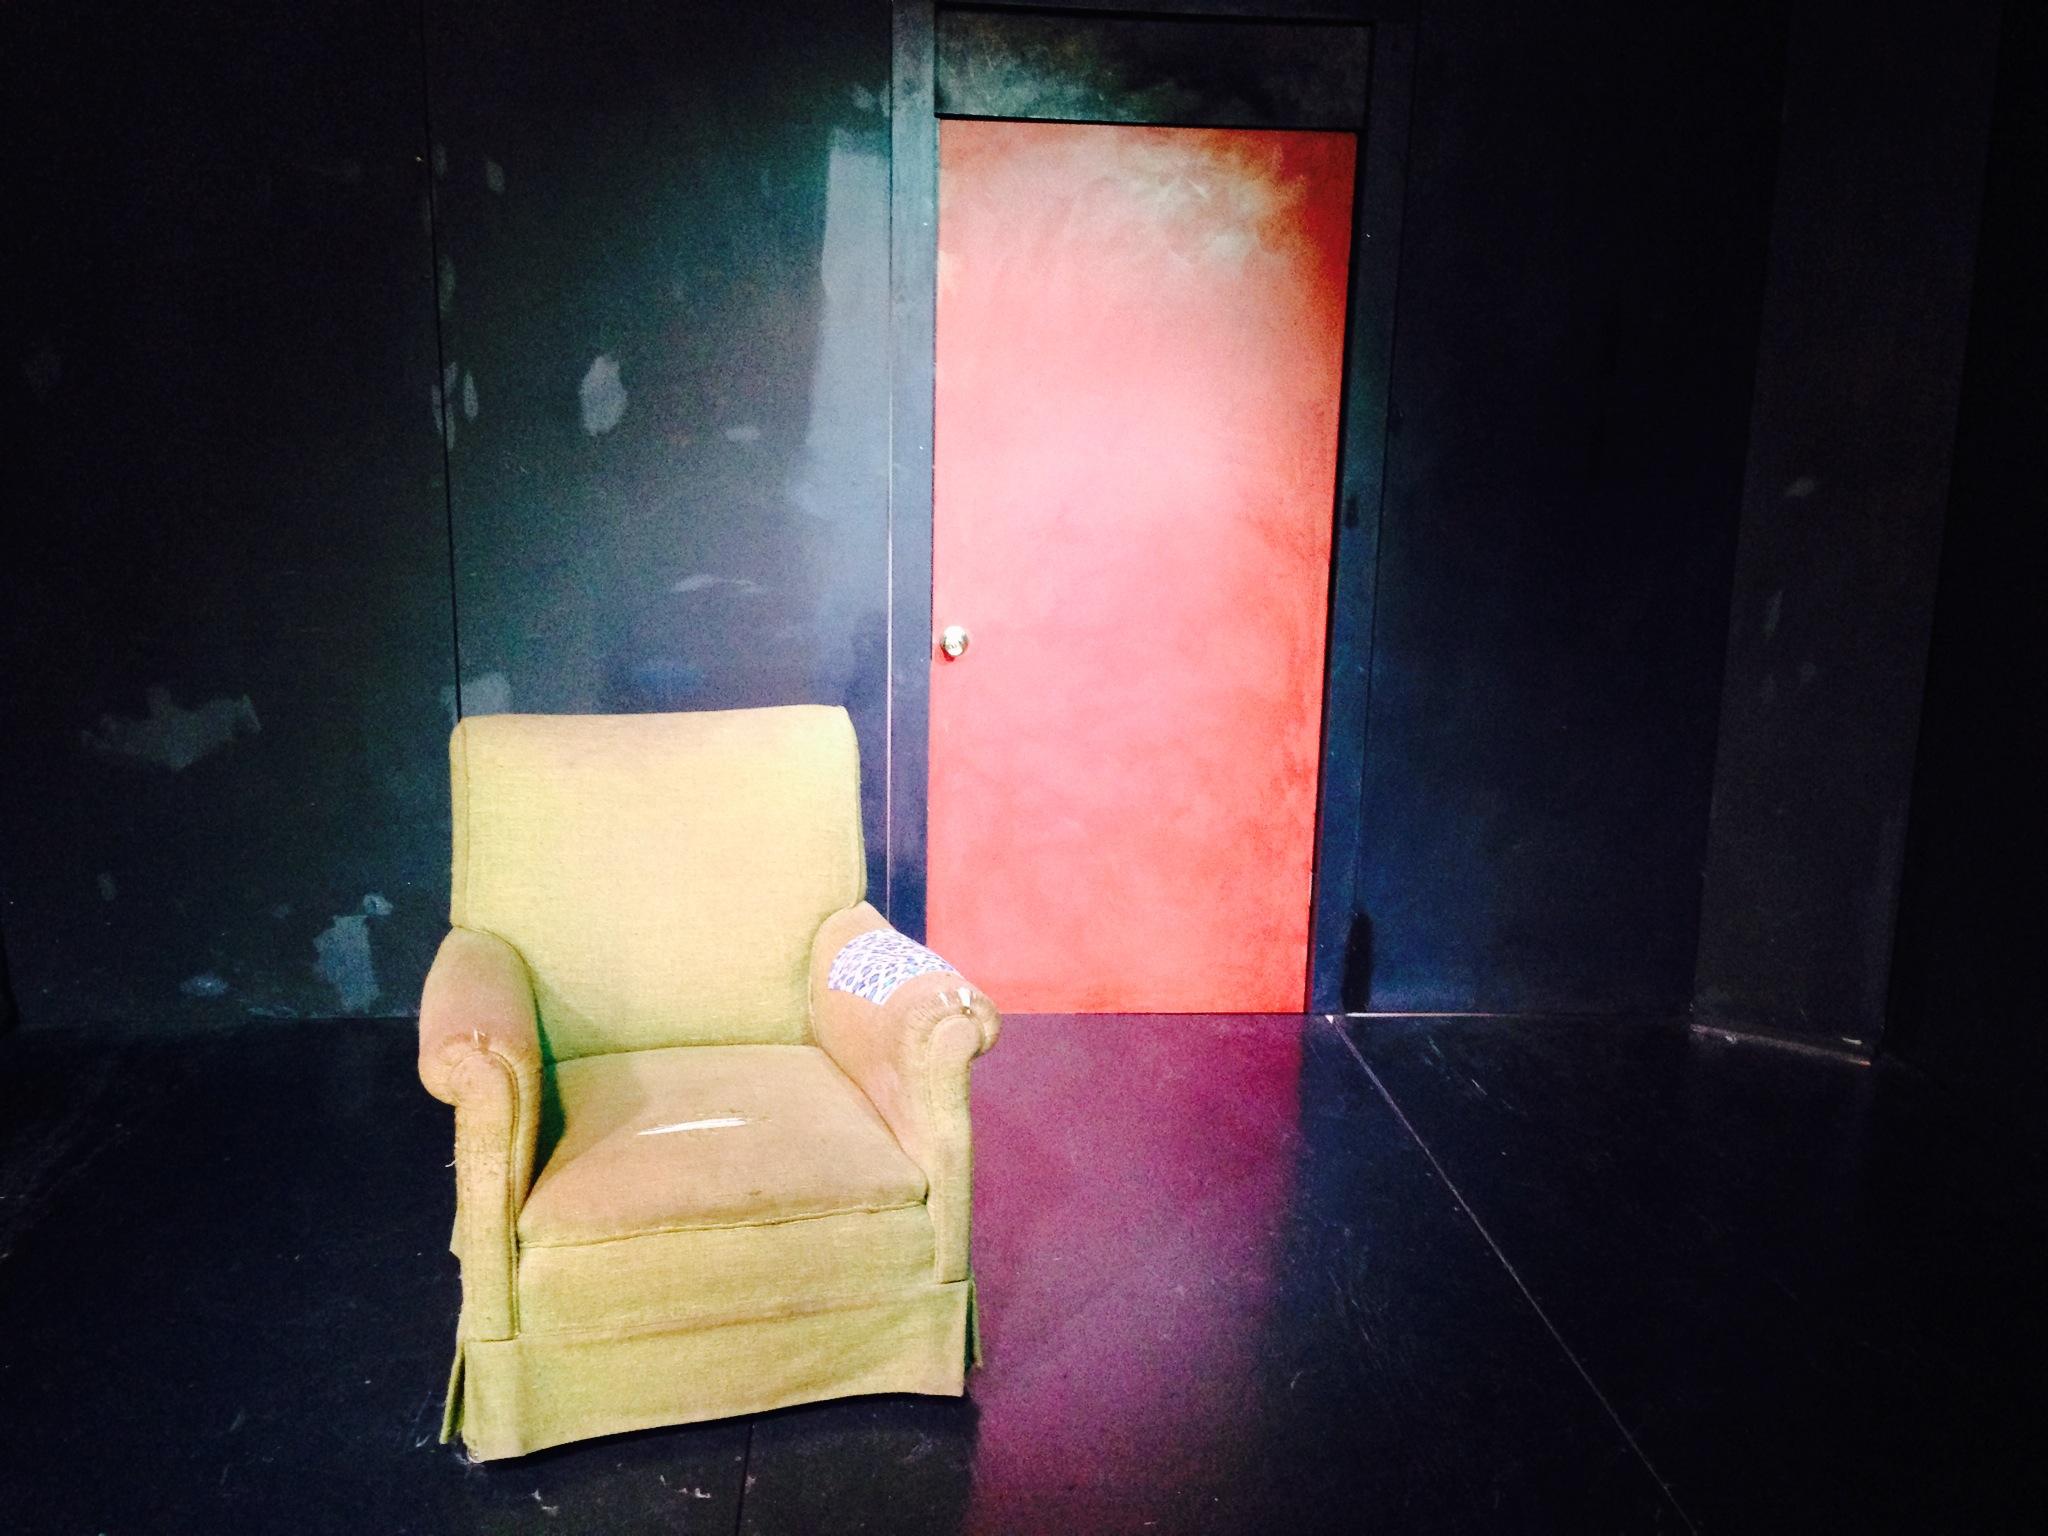 LONGSHOTSVILLE - Metta Theatre (black box theatre) in Taos, New Mexico.